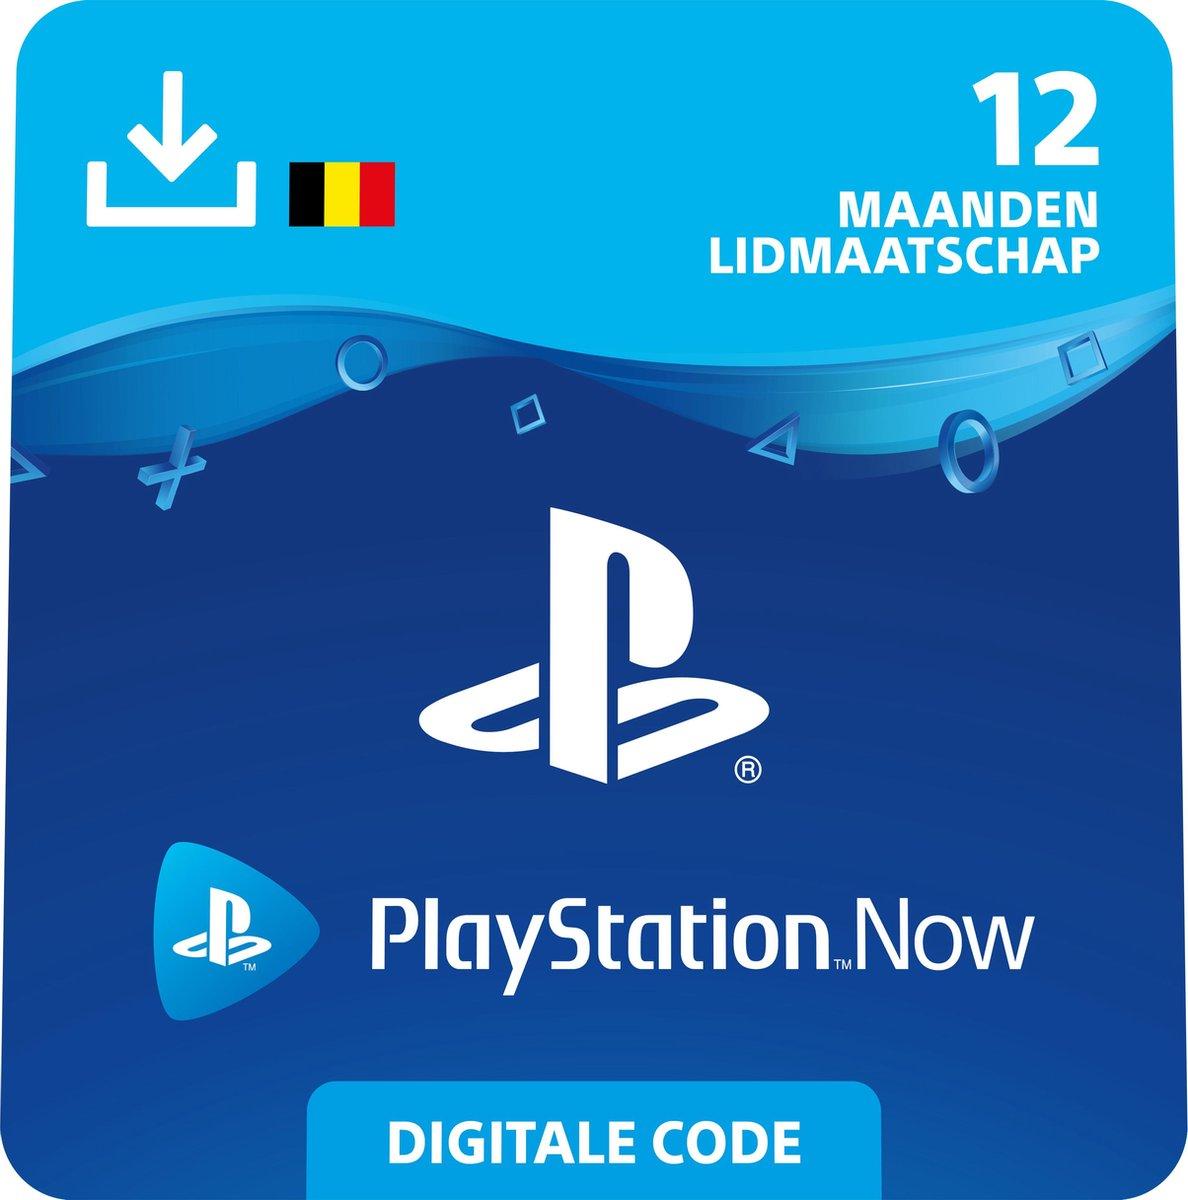 Sony Playstation Now: 12 Maanden Lidmaatschap - BE